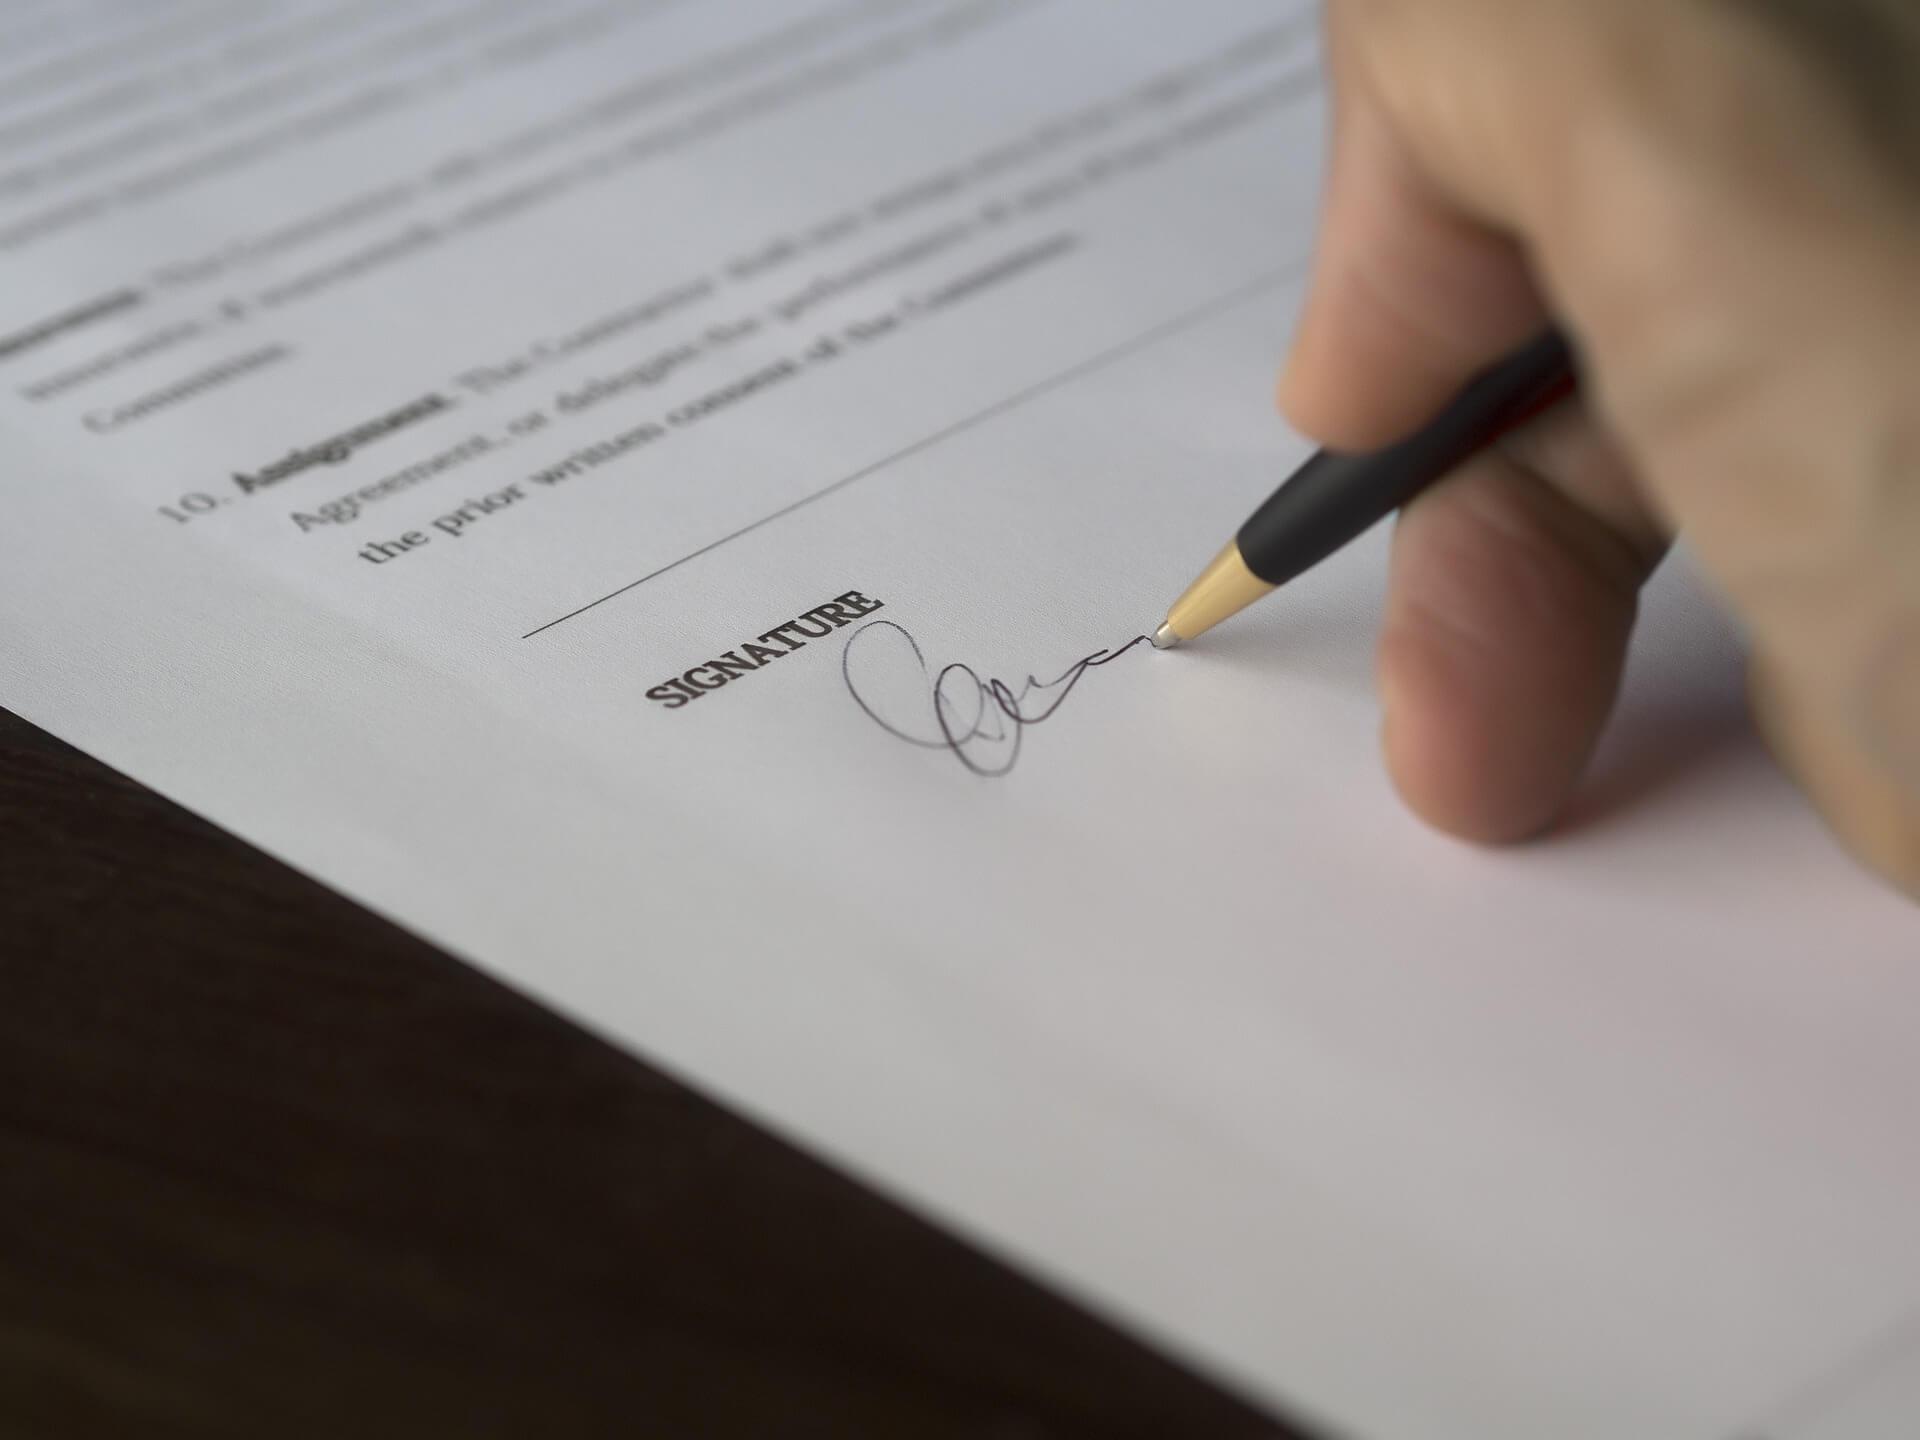 Las comisiones y los gastos de los préstamos